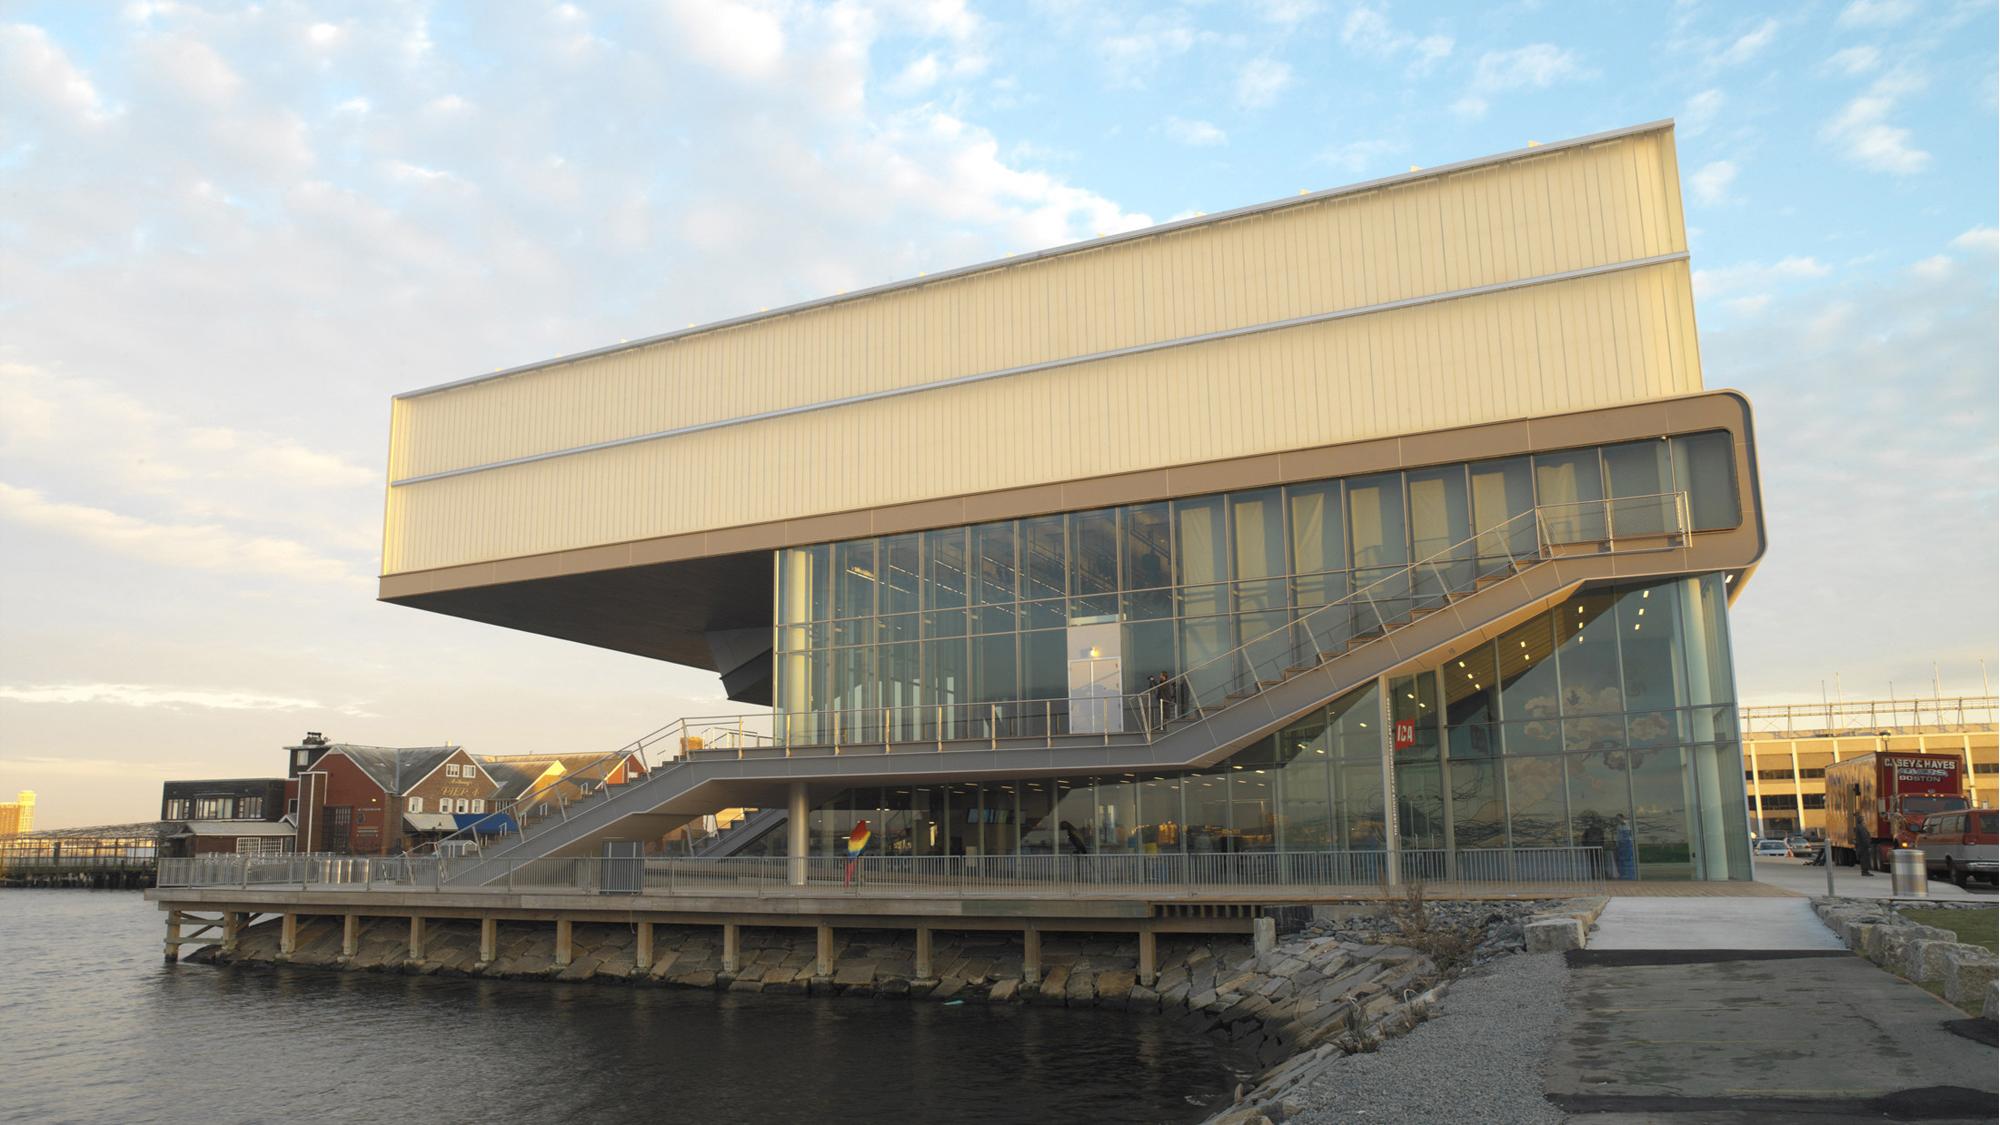 Building Institute Of Contemporary Art - Arup